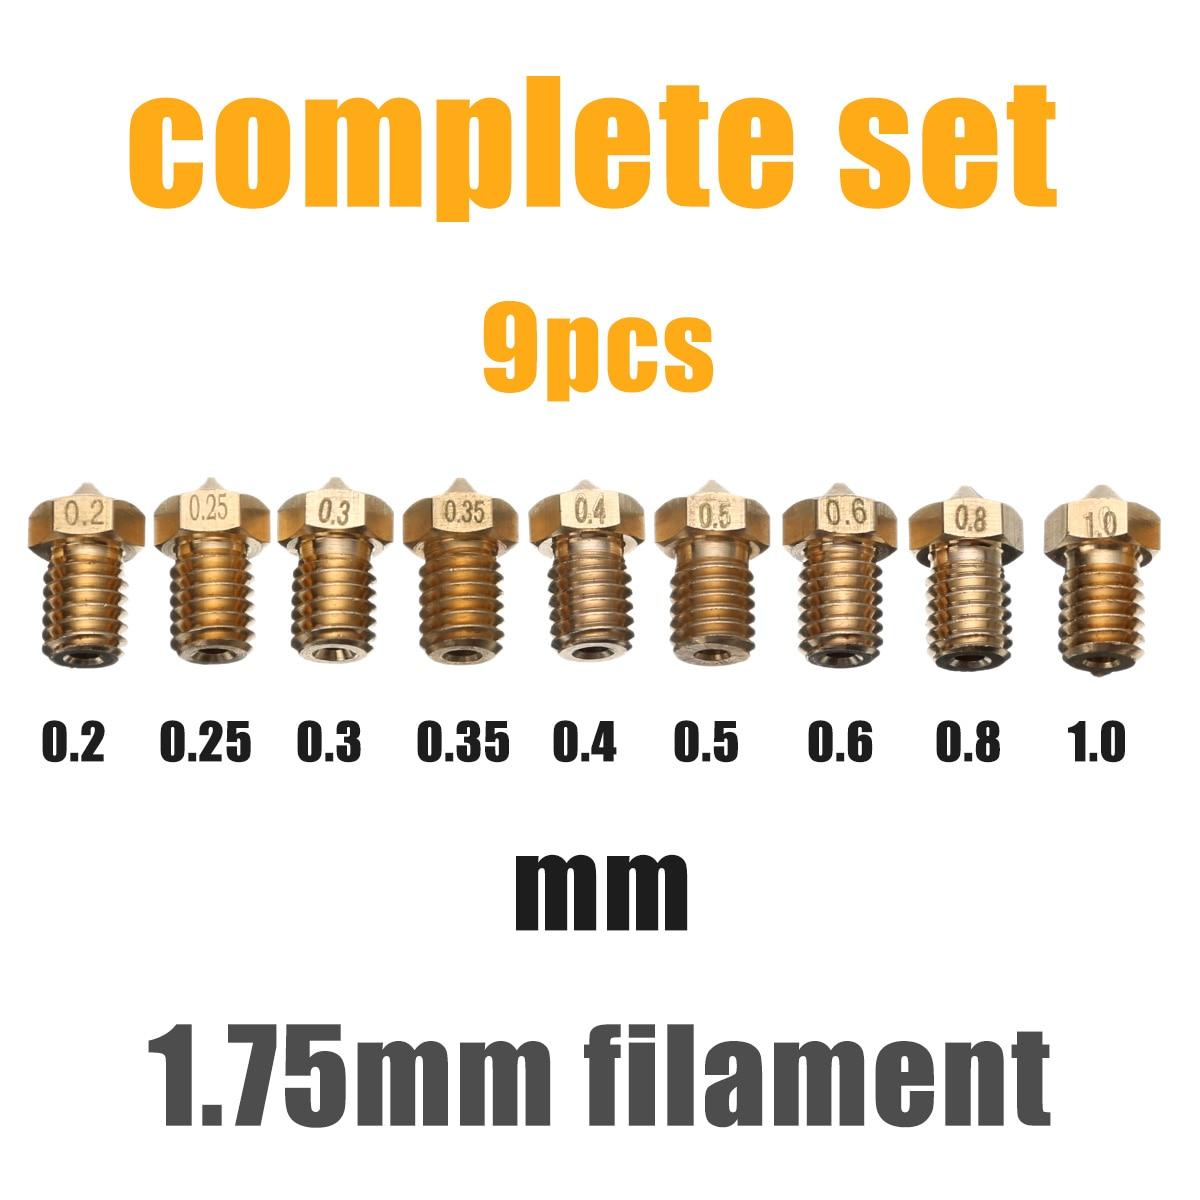 Mayitr 9pcs 1.75mm Filament Extruder Nozzle 3D Printer Accessories Nozzle Set for 3D V6 J-Head&MK8 Makerbot 3D Printer Part